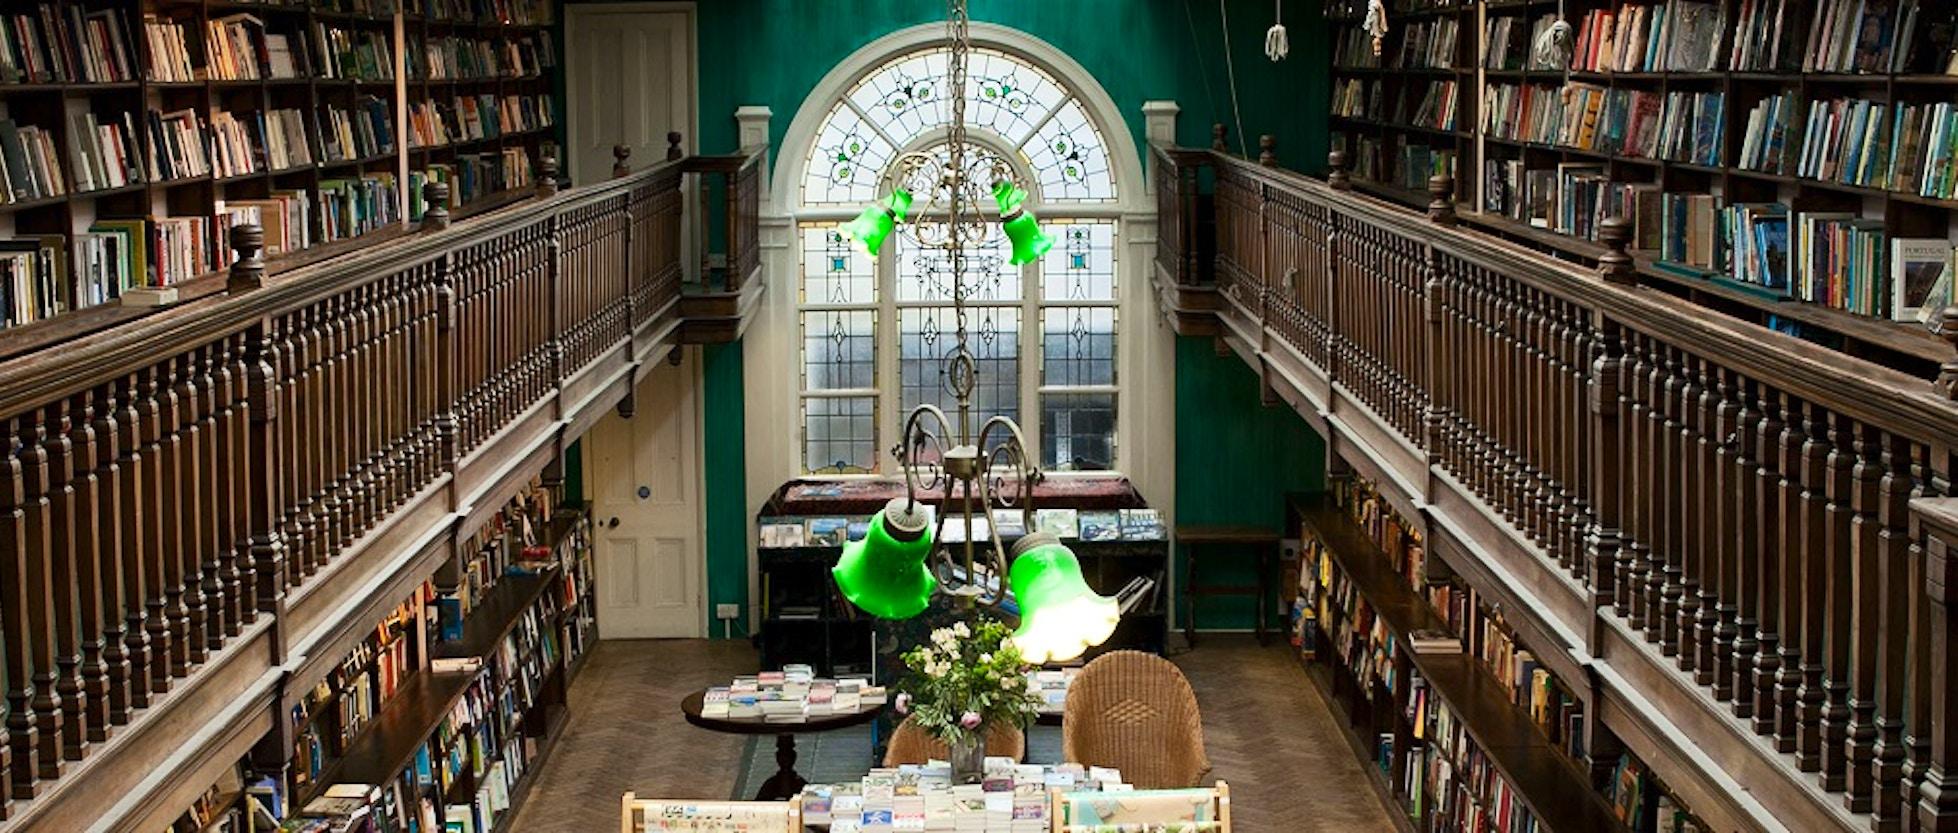 Librerie indipendenti a londra da non perdere vivi londra for Londra posti da non perdere